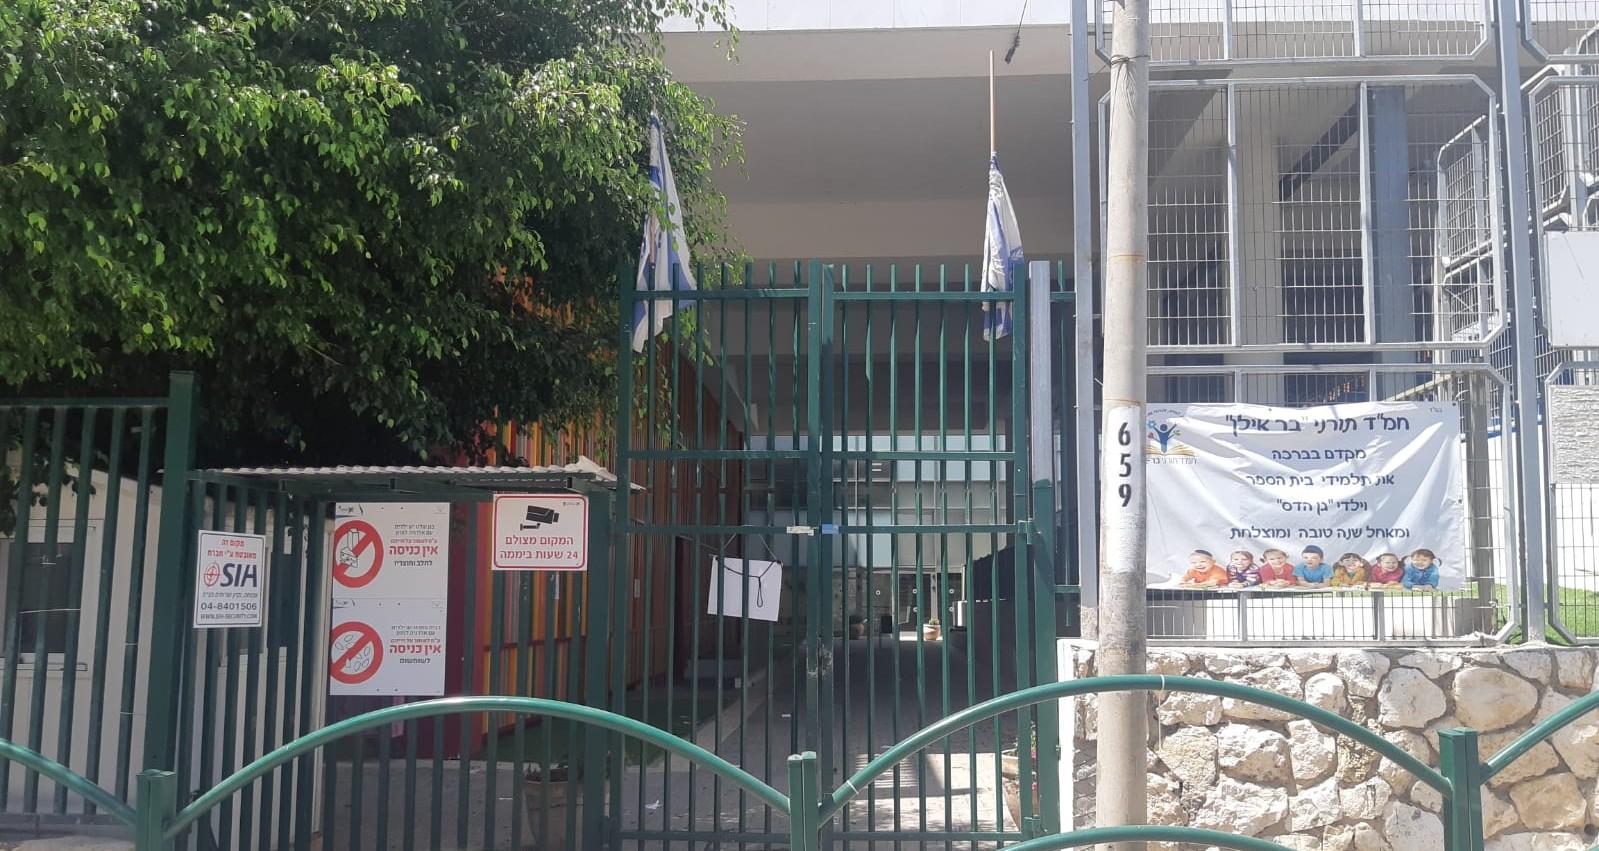 בית ספר בר אילן הרצליה